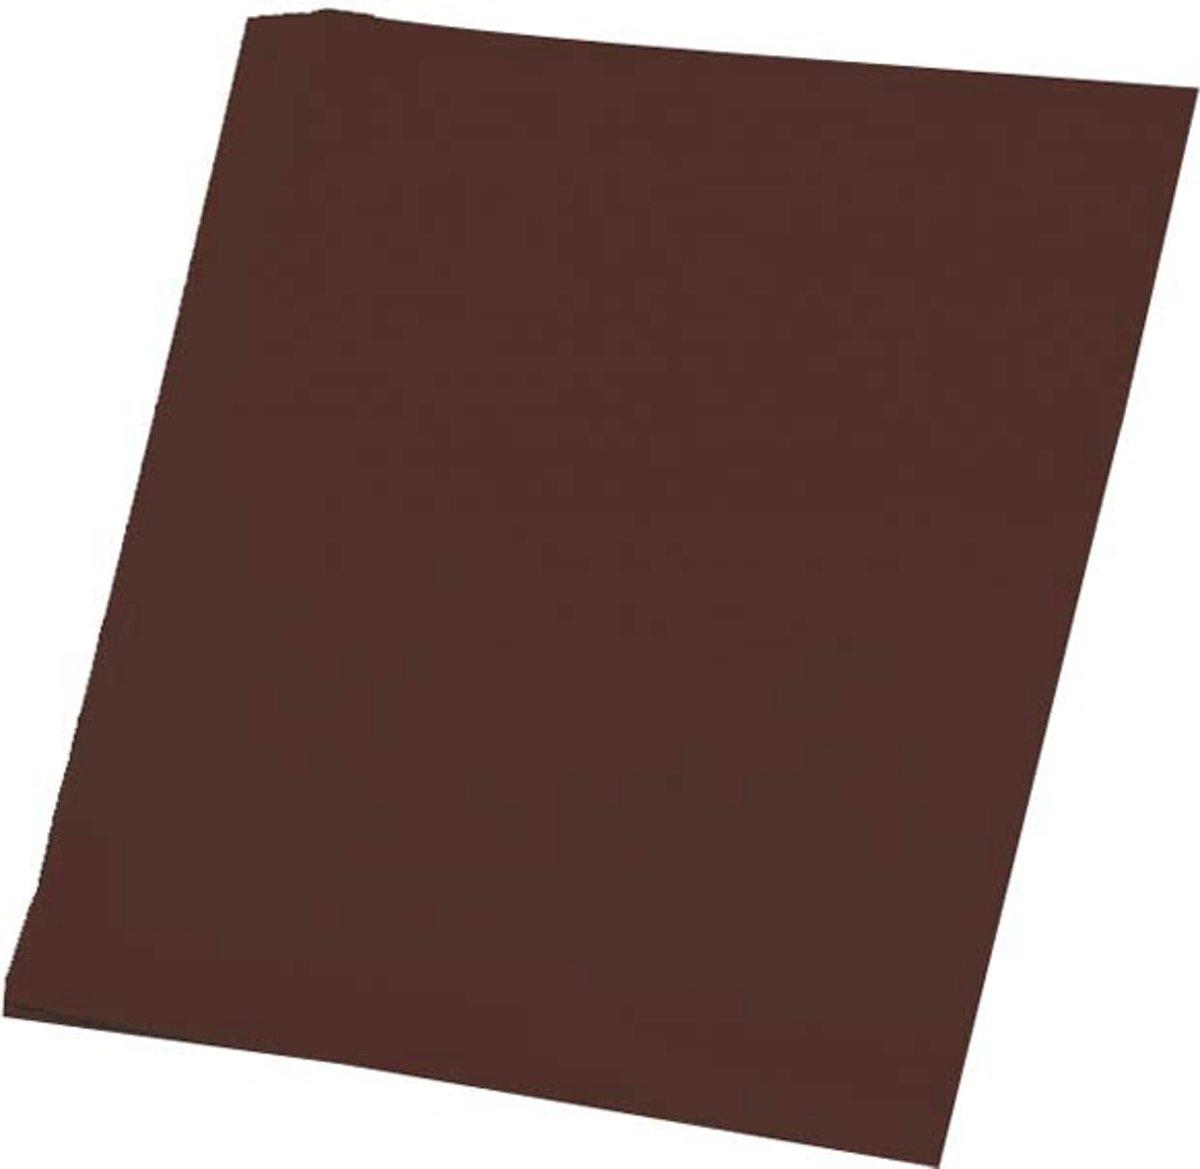 Donkerbruin karton vel 50 x 70 cm kopen